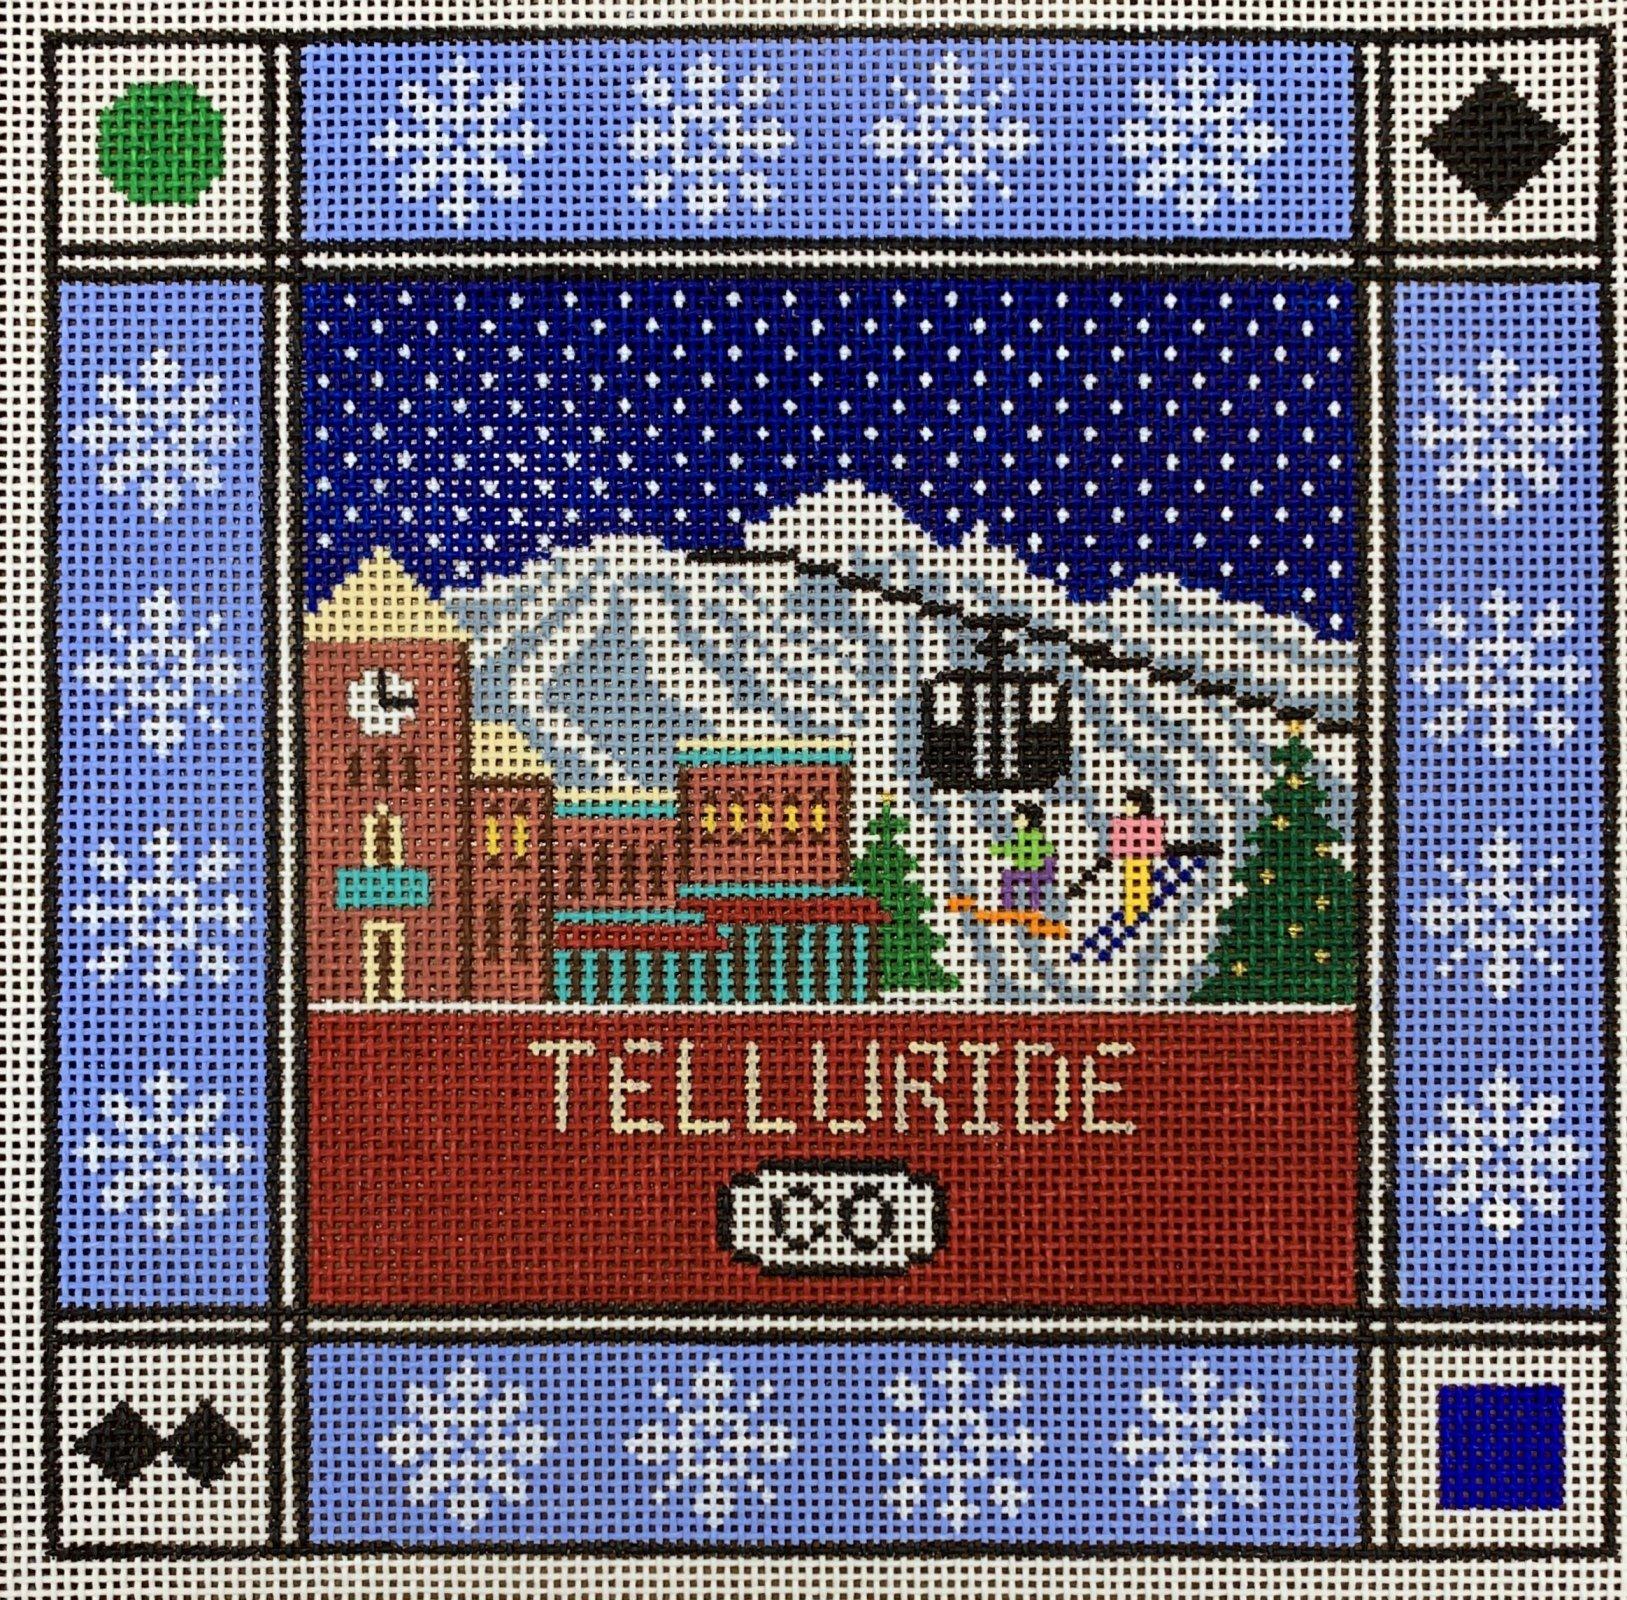 Telluride Square